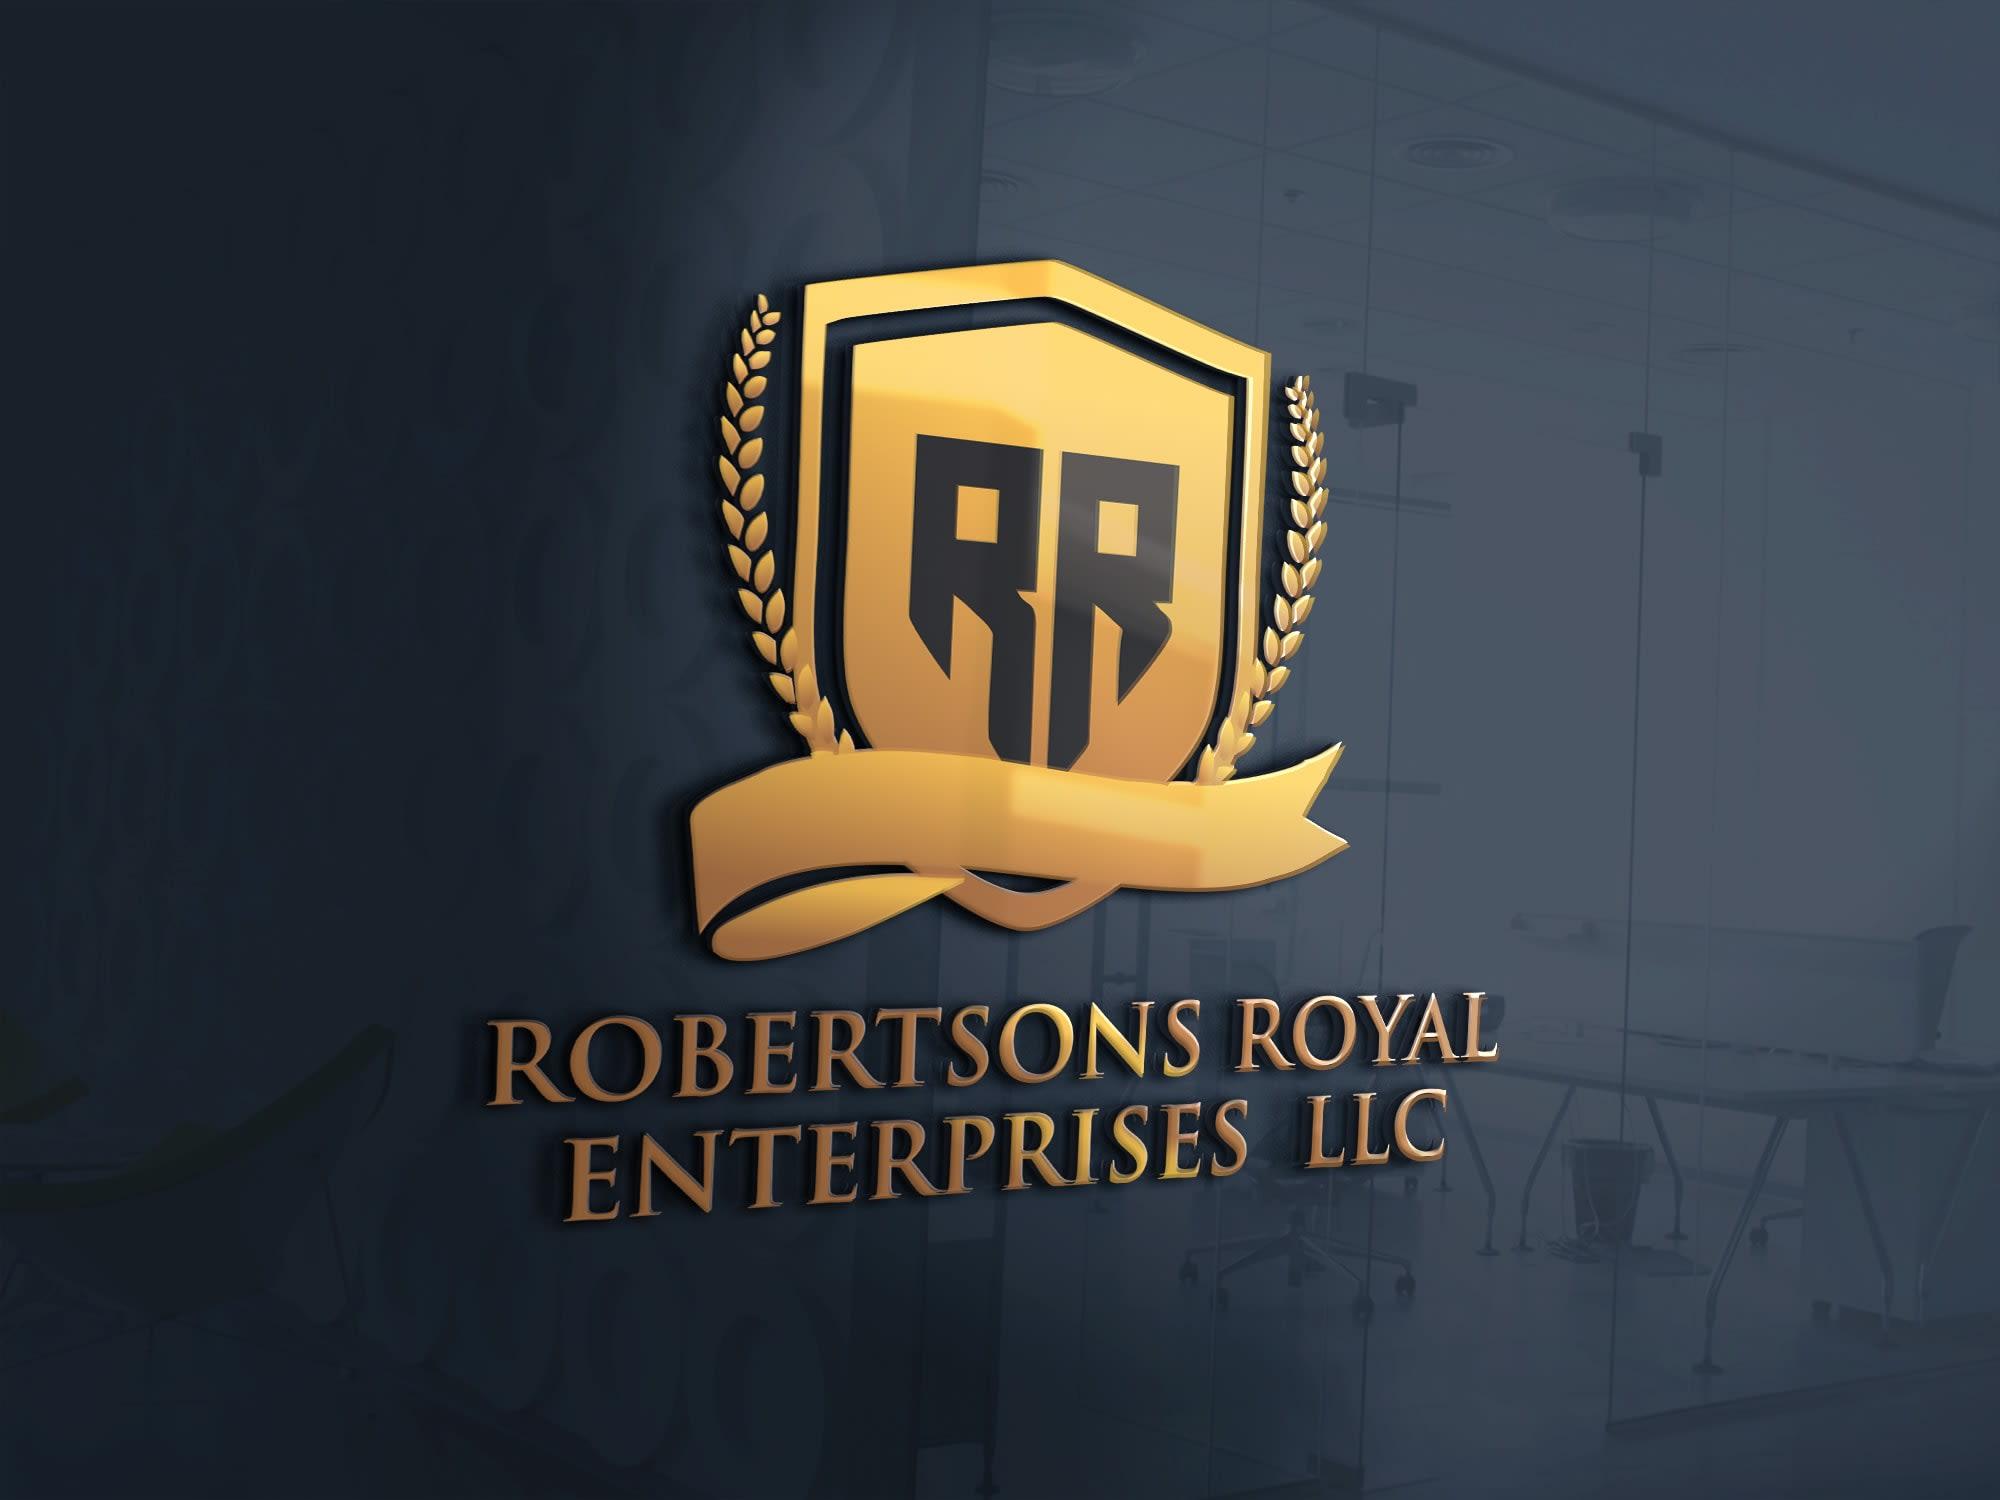 Robertson's Royal Enterprises